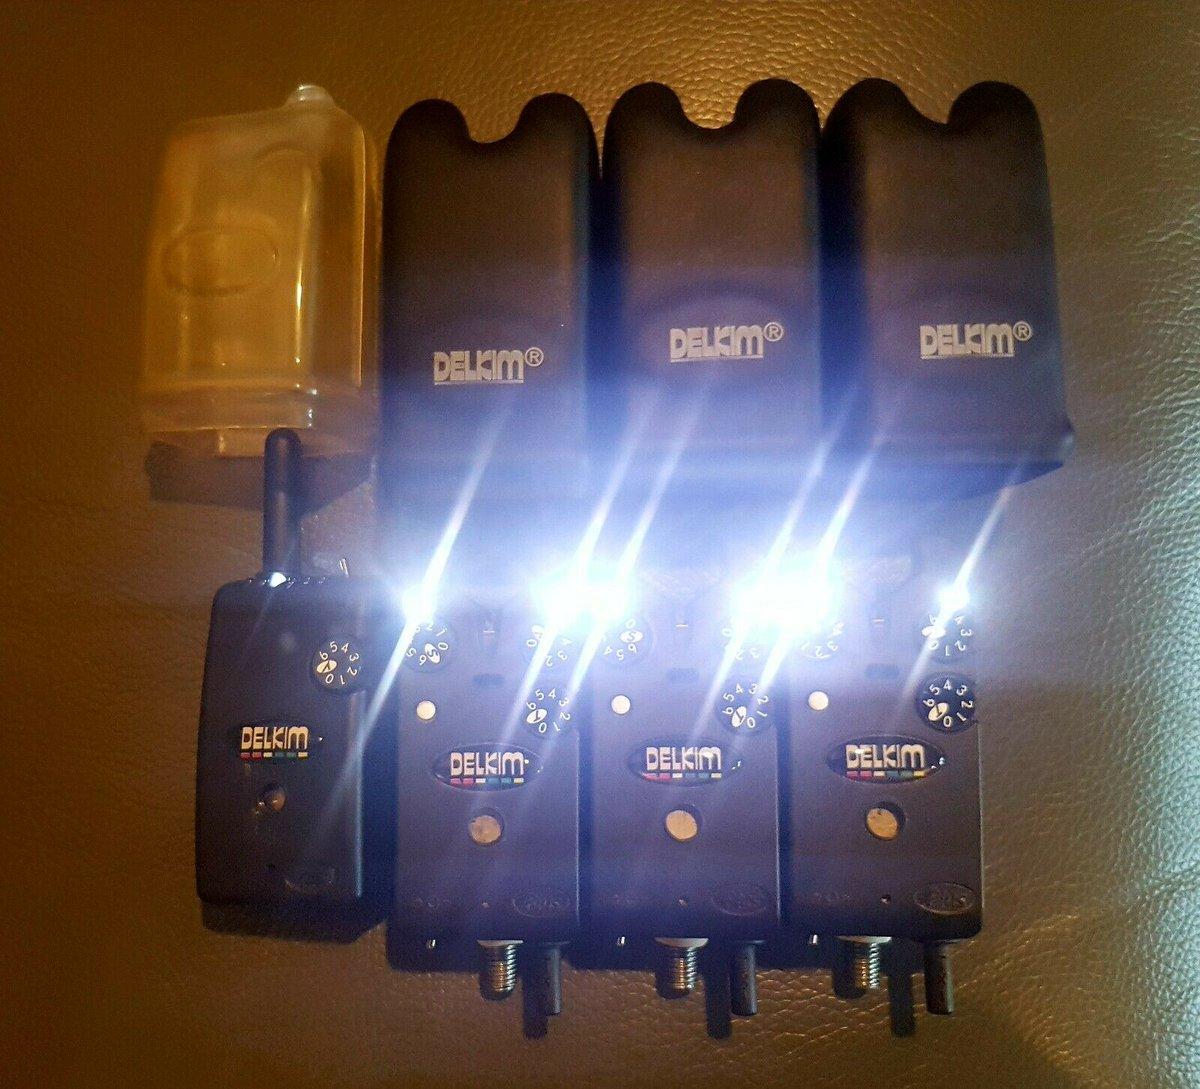 Ad - 3X Delkim TXi Alarms & receiver On eBay here -->> https://t.co/LNW6369O5o  #delkim #c